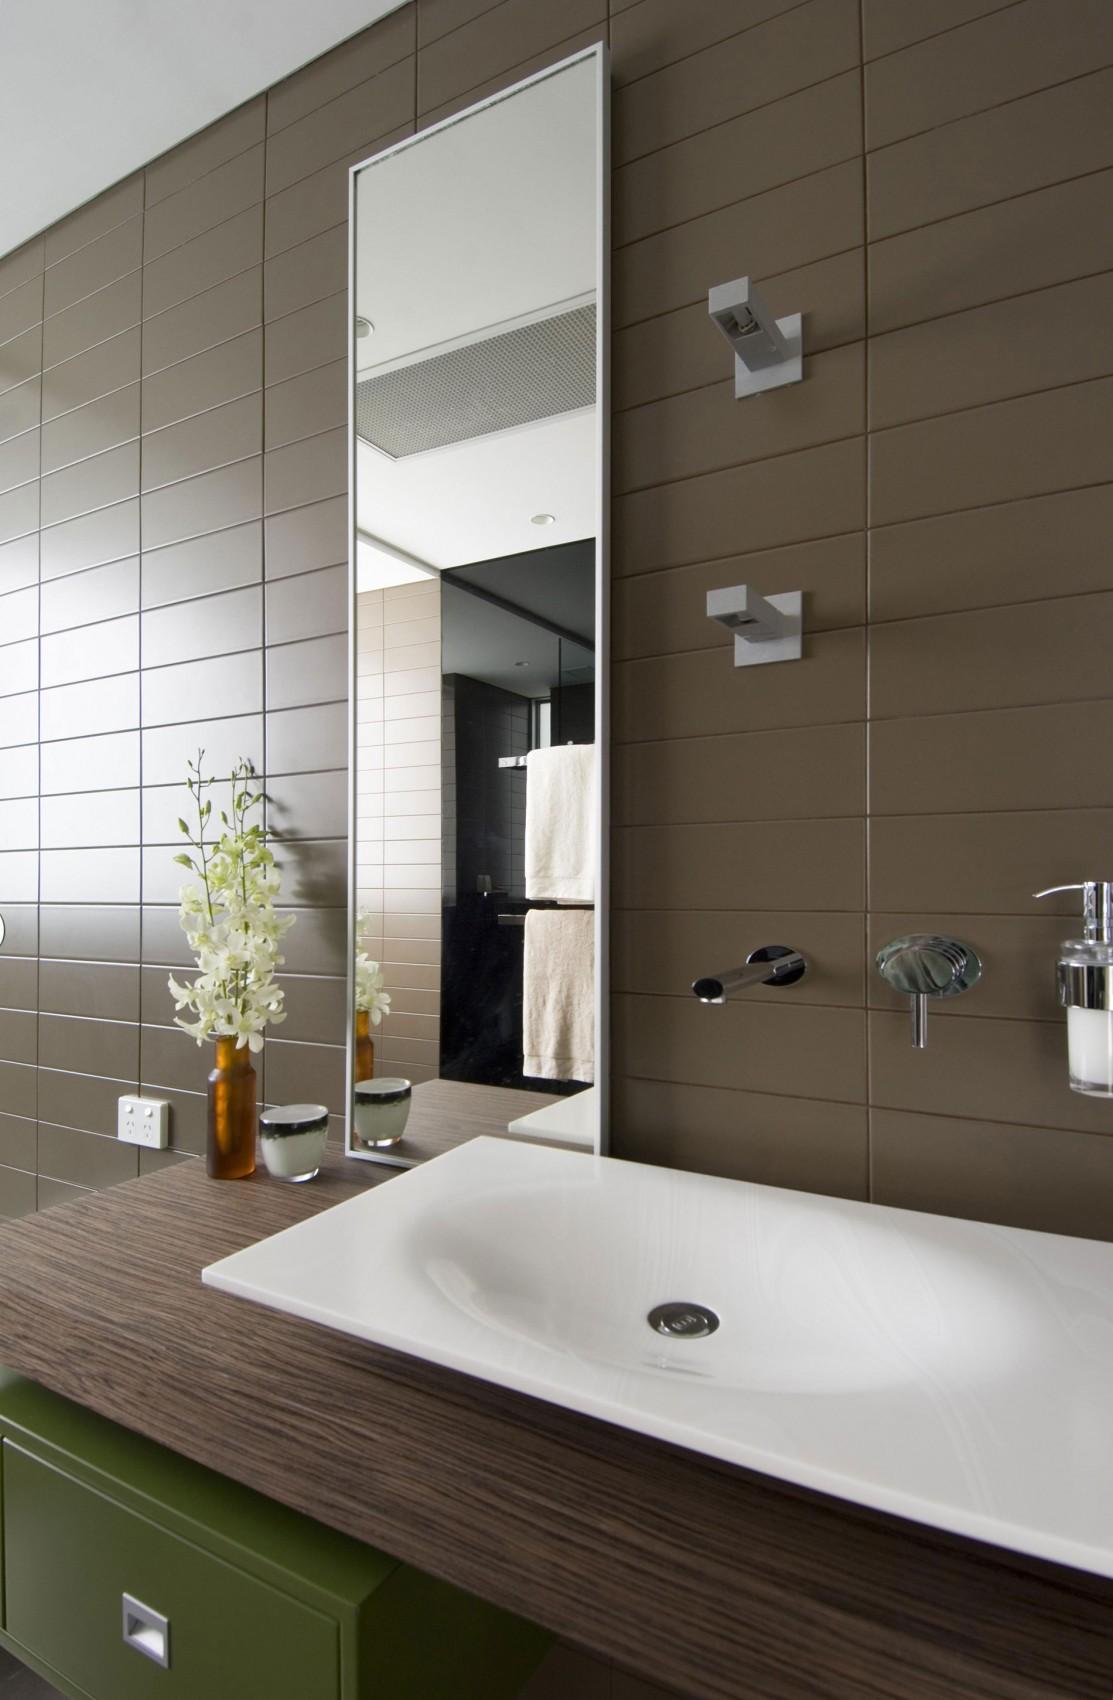 Architetturedinterni-Raffinato-stile-urbano-a Sydney-28